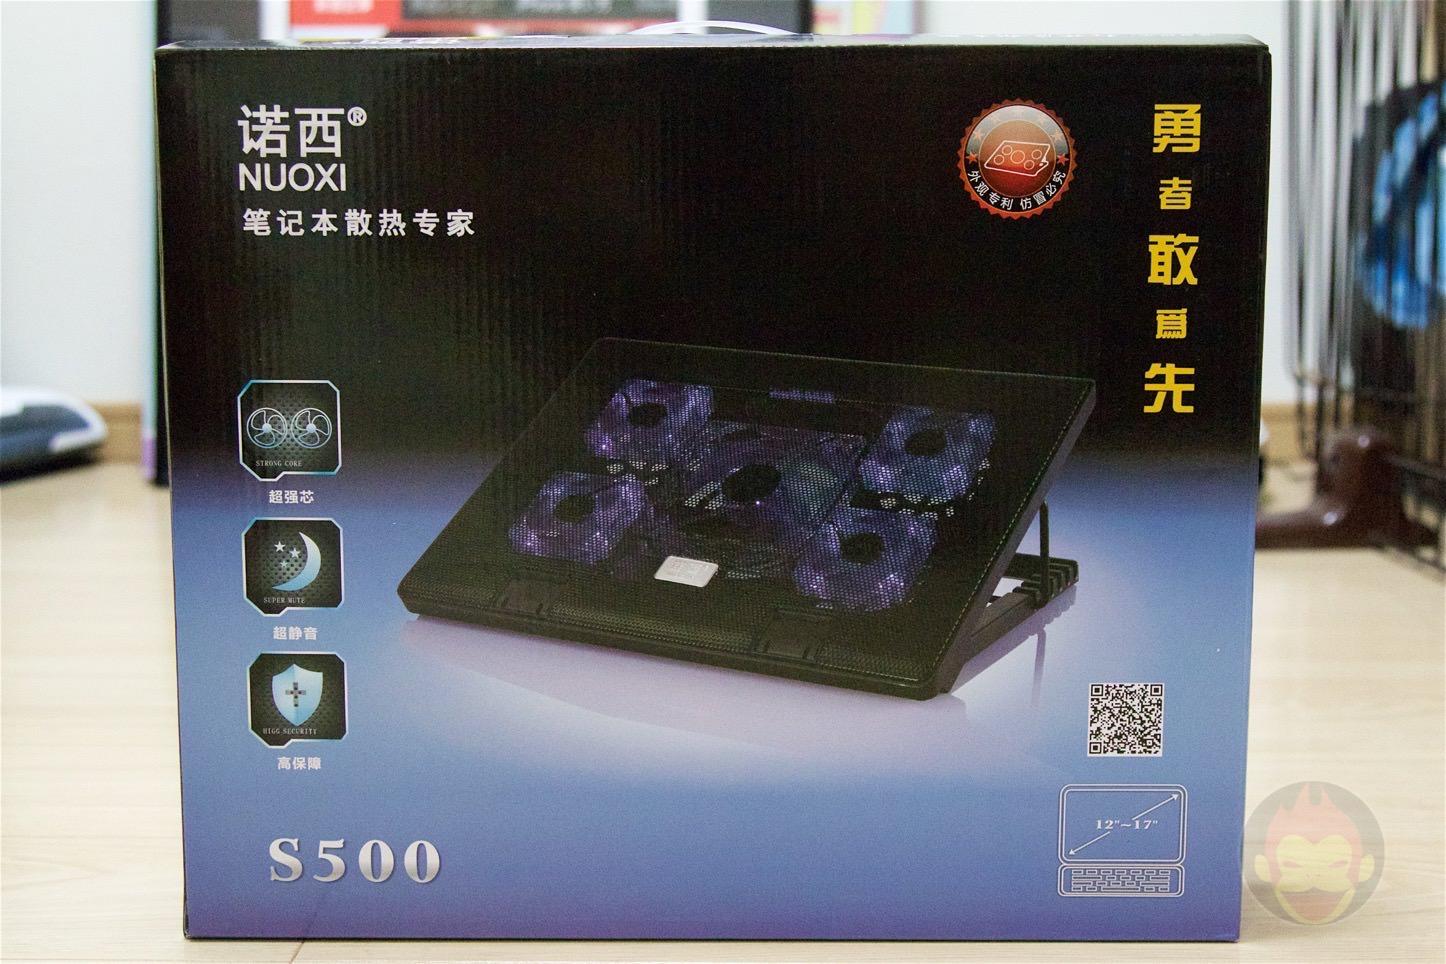 FONESO-fan-Stand-for-Mac-PC-01.jpg